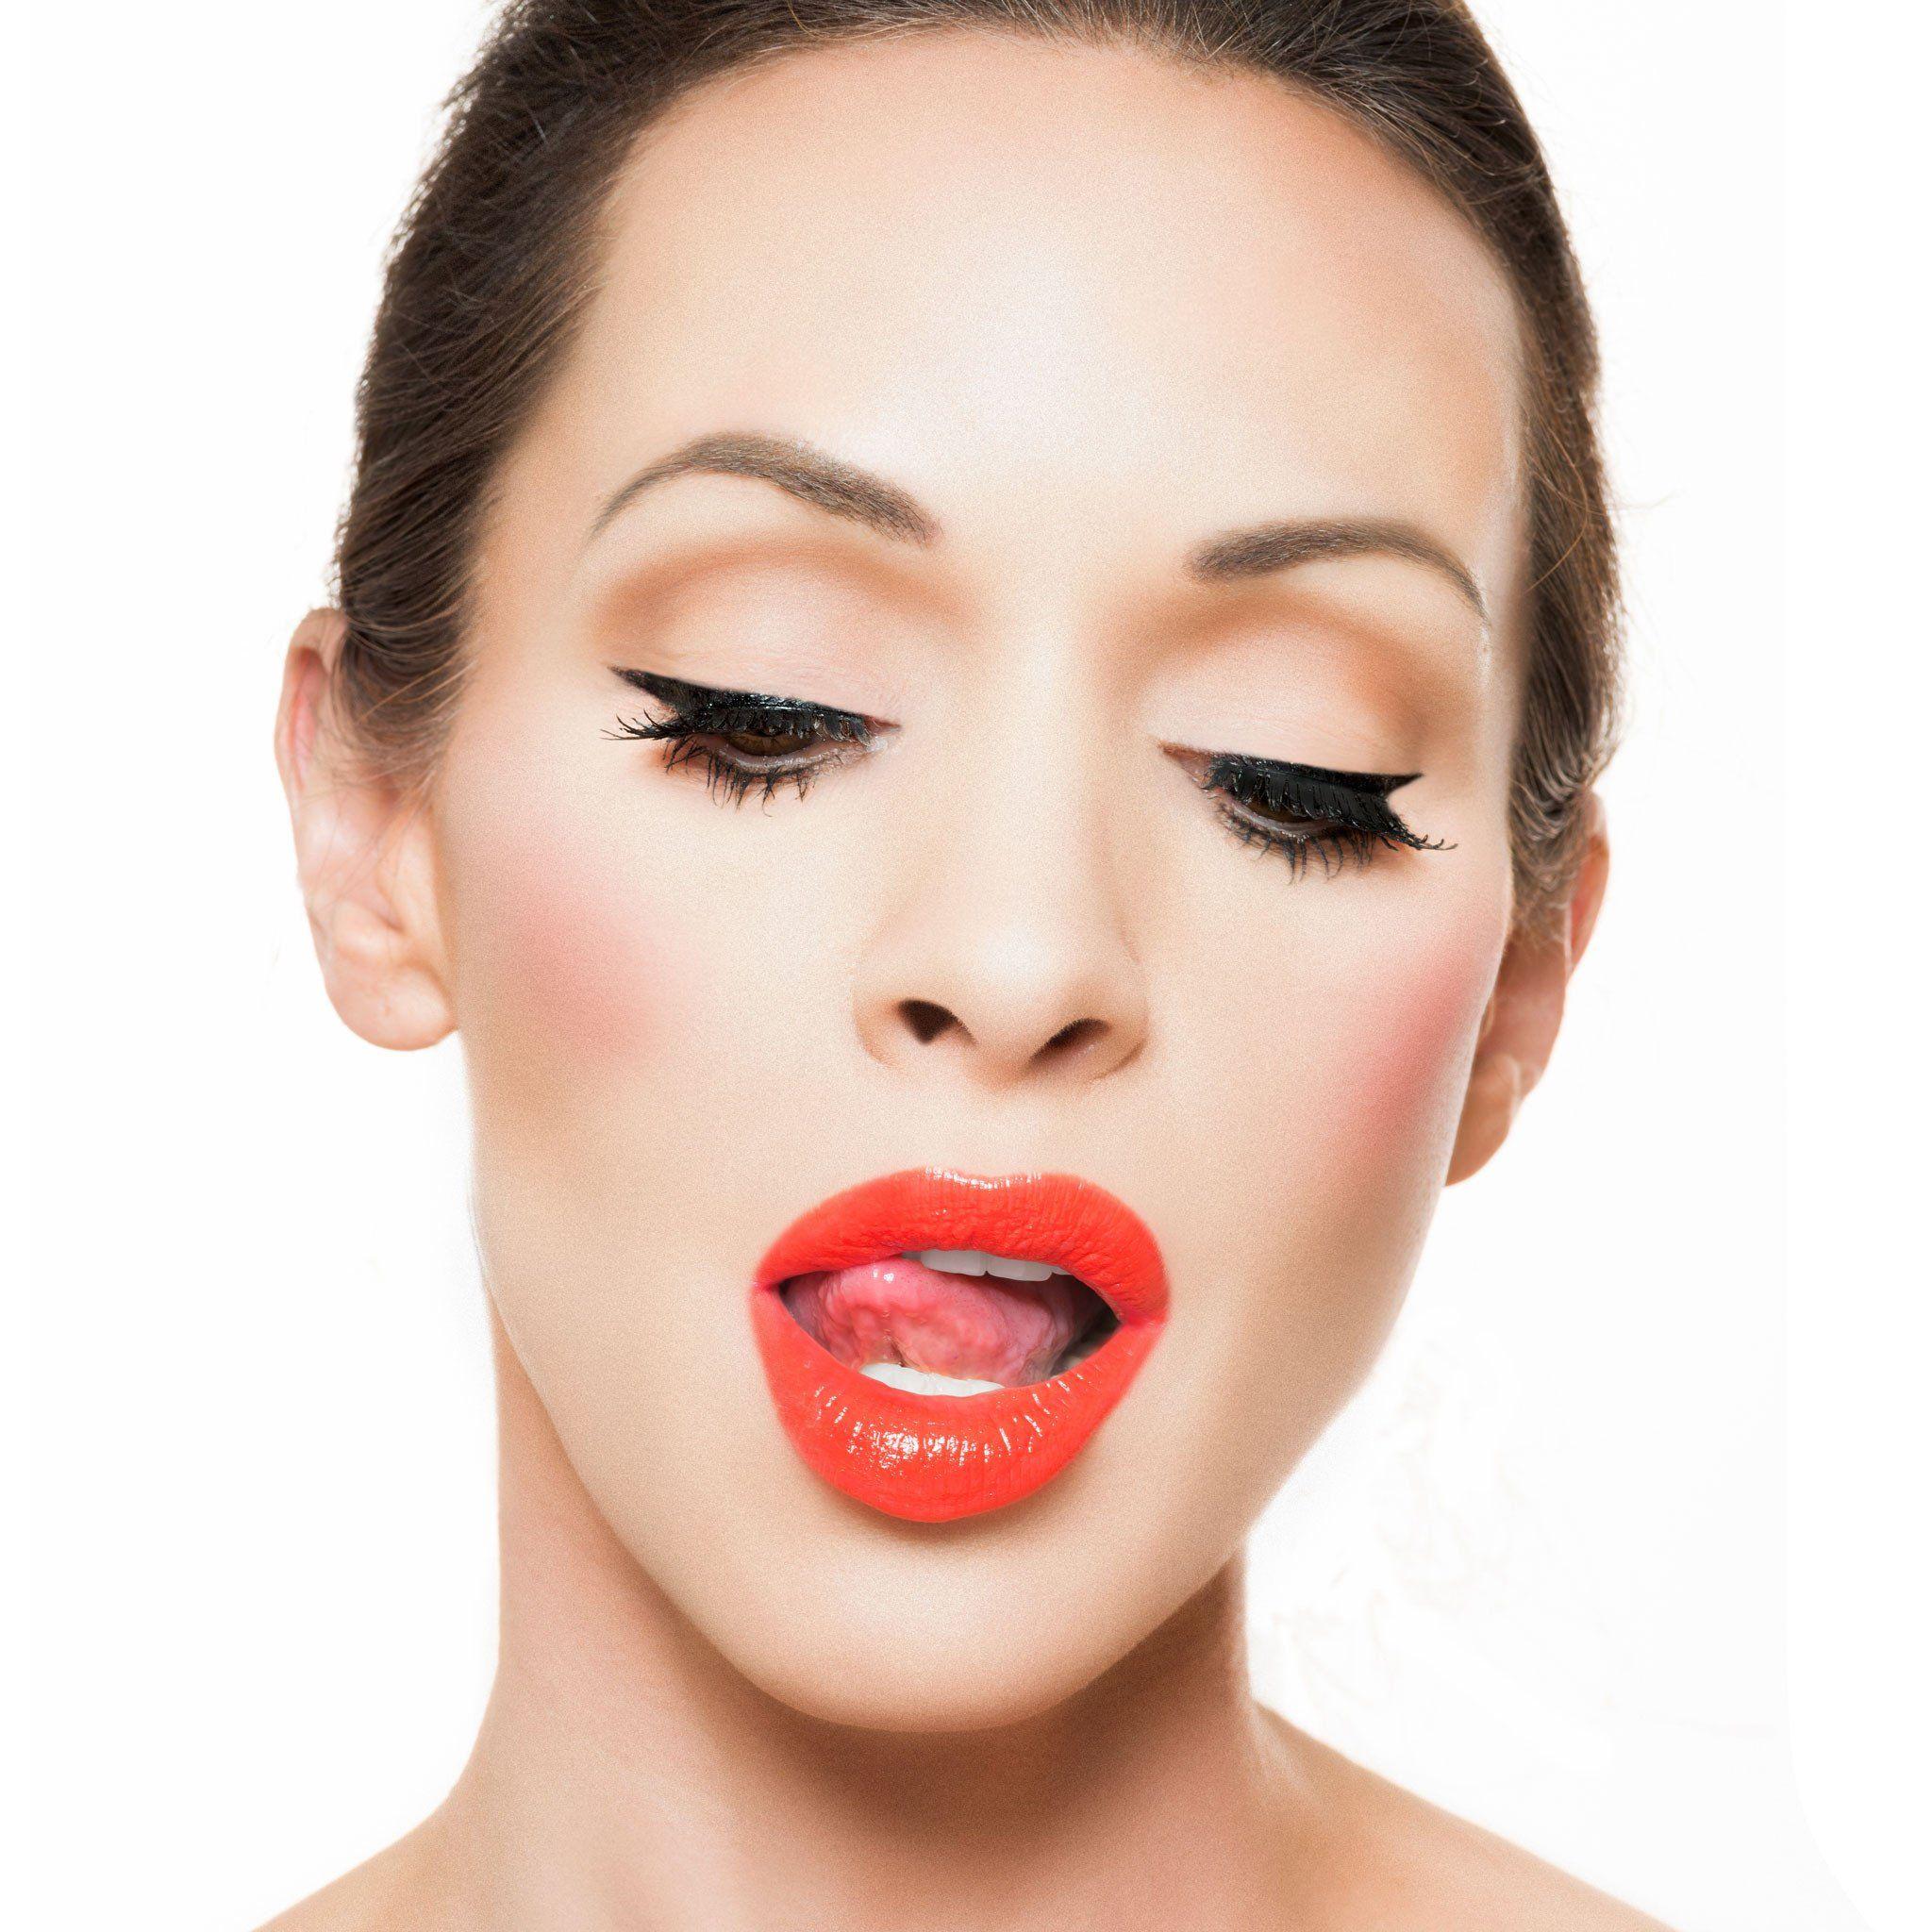 Stilettos Bright Red Lipstick Lipstick Collection Lipstick